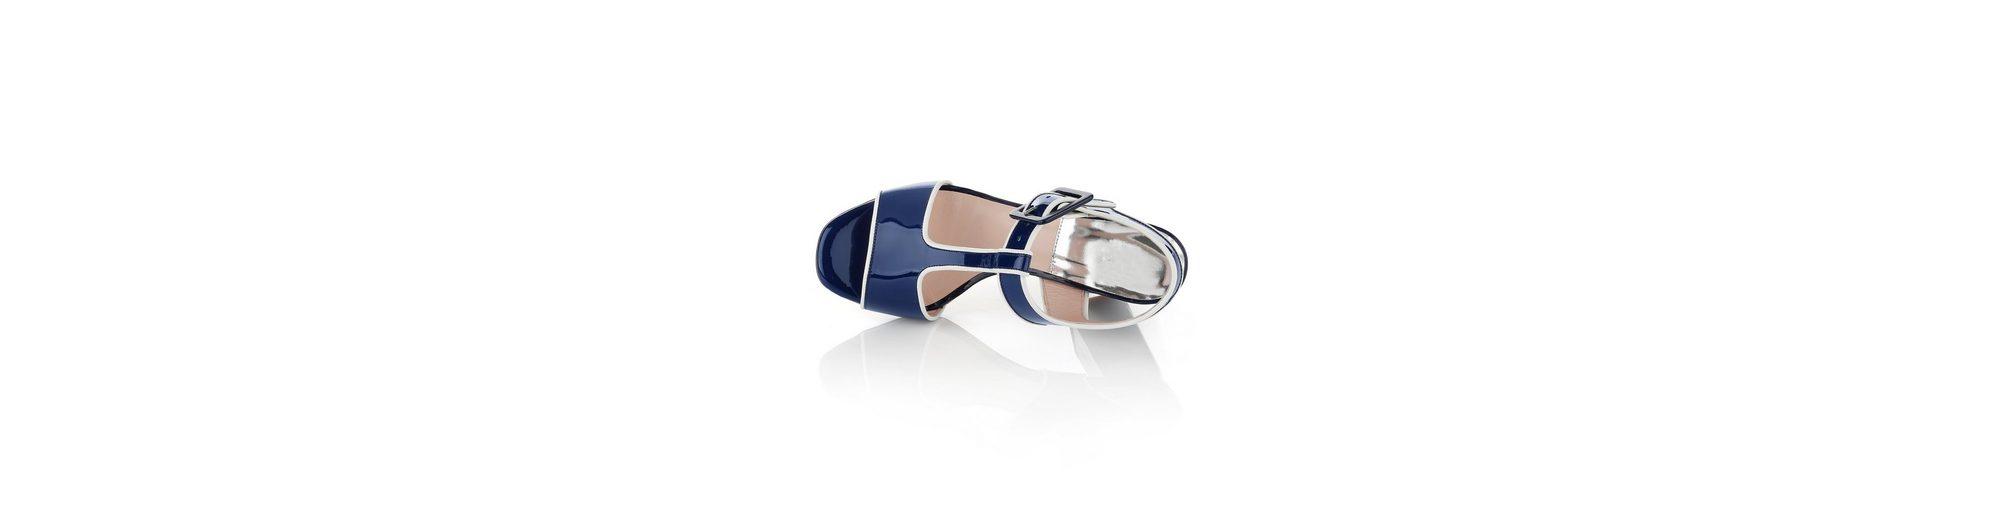 Mit Paypal Alba Moda Sandalette aus Lackleder Auslass Hohe Qualität LjapbL